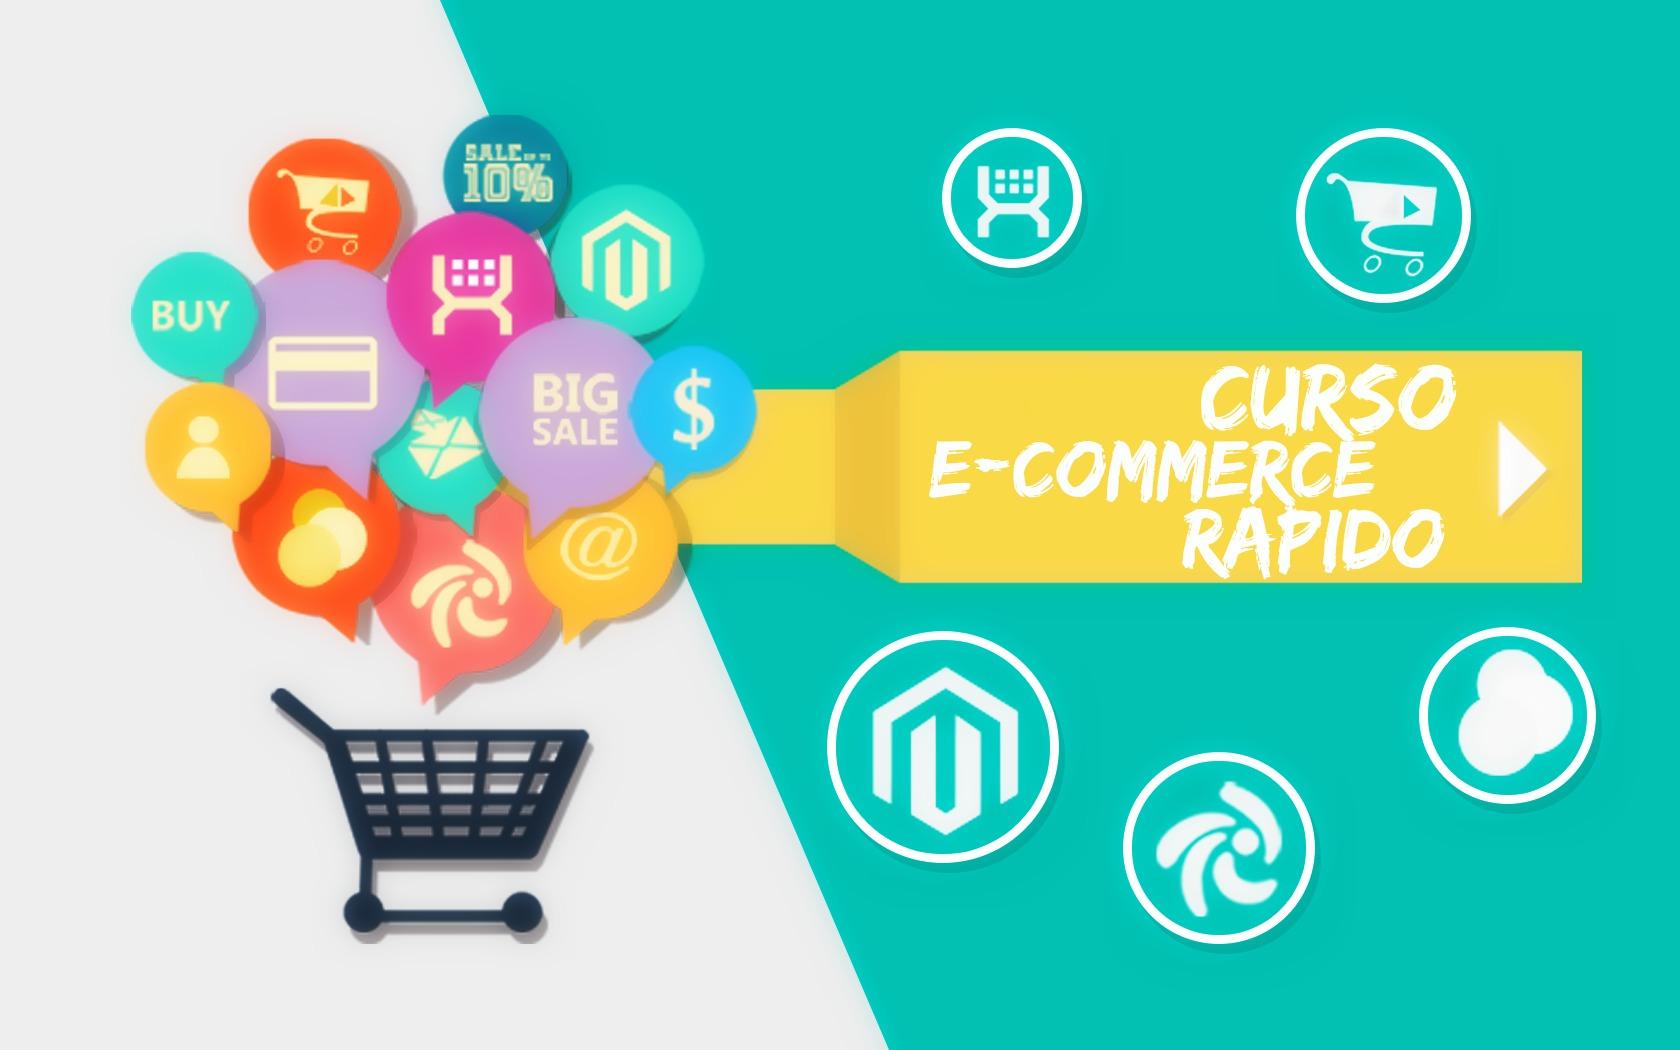 curso-e-commerce-rápido